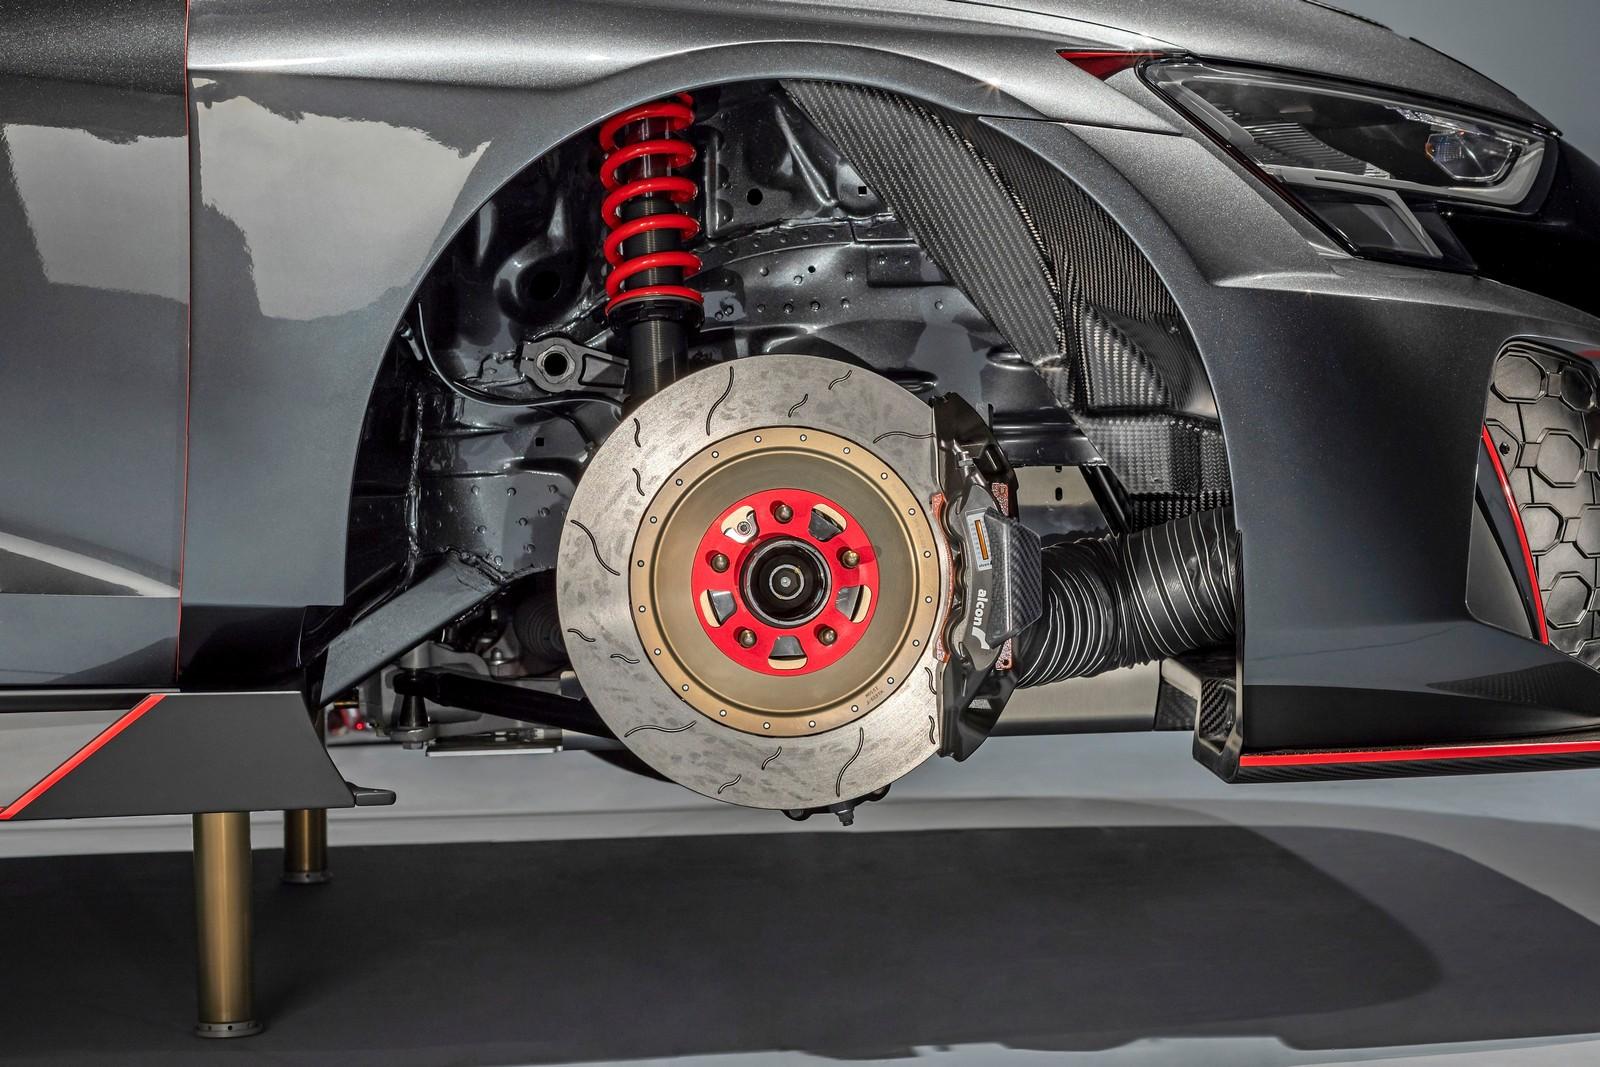 Dettaglio del freno anteriore della Audi RS3 LMS TCR